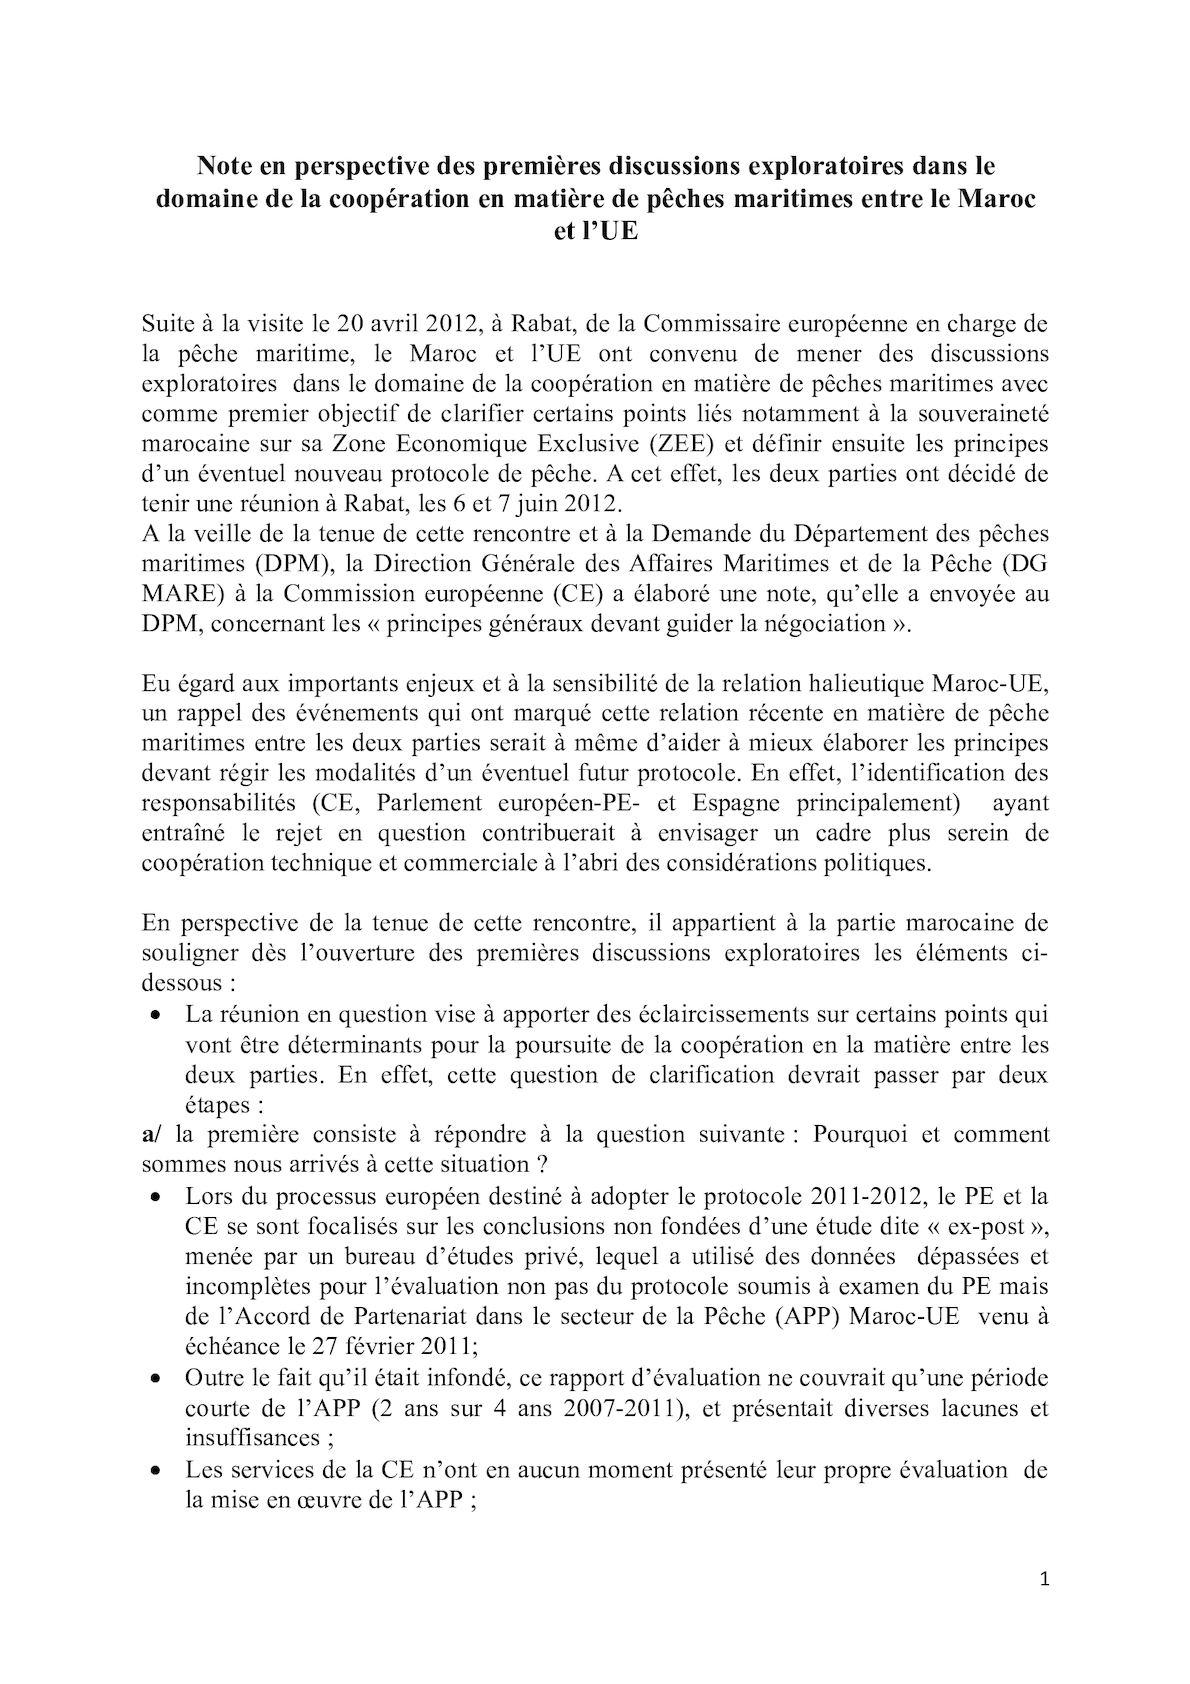 Note Portant Sur Les Perspectives Des Premières Discussions Exploratoires Coopération Pêches Maritimes Maroc Ue 04 Juin 2012